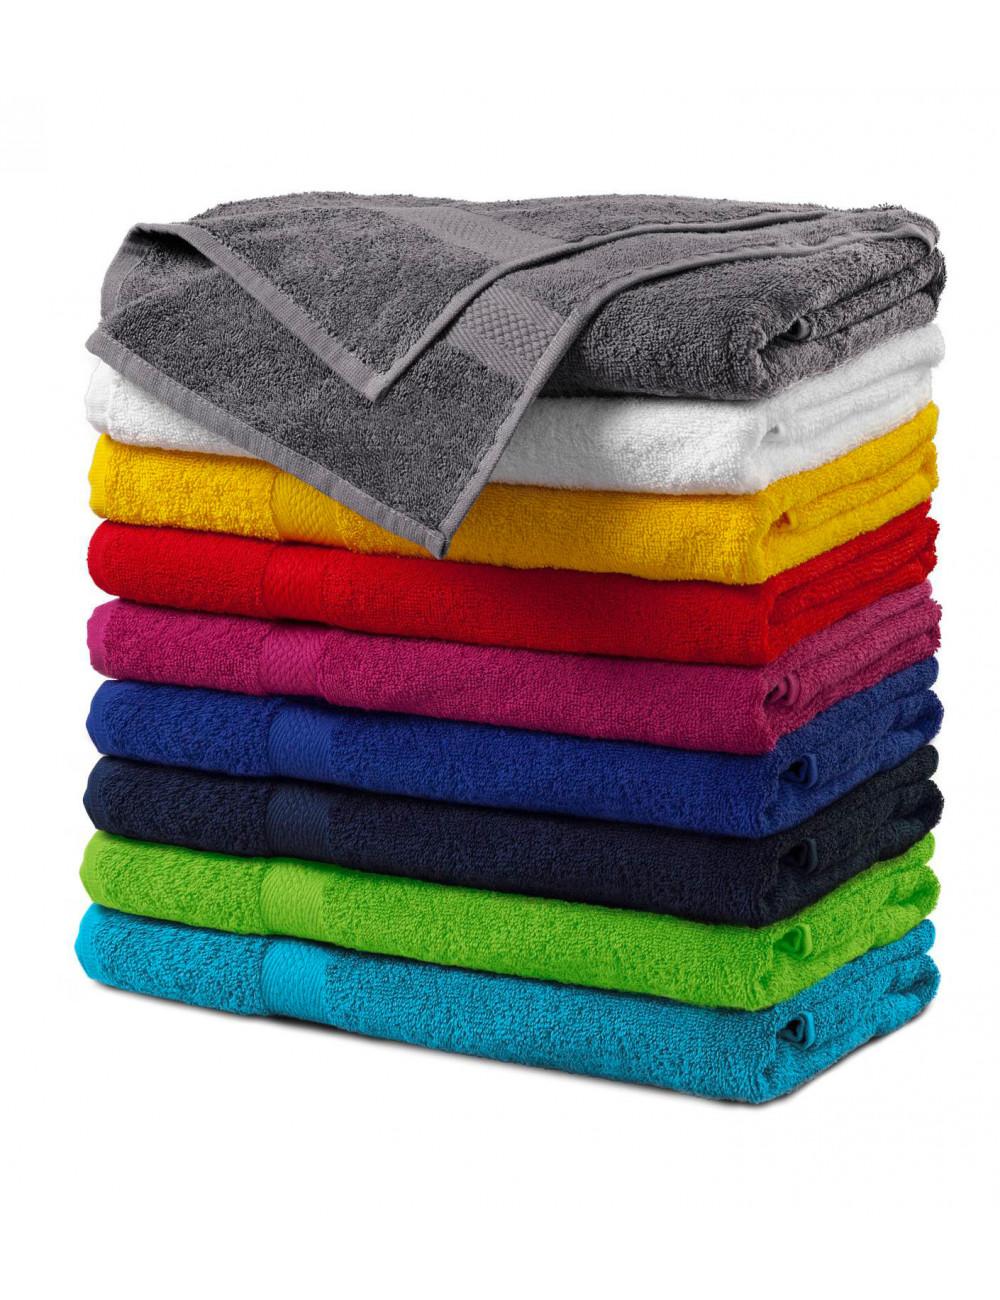 Adler MALFINI Ręcznik duży unisex Terry Bath Towel 905 żółty